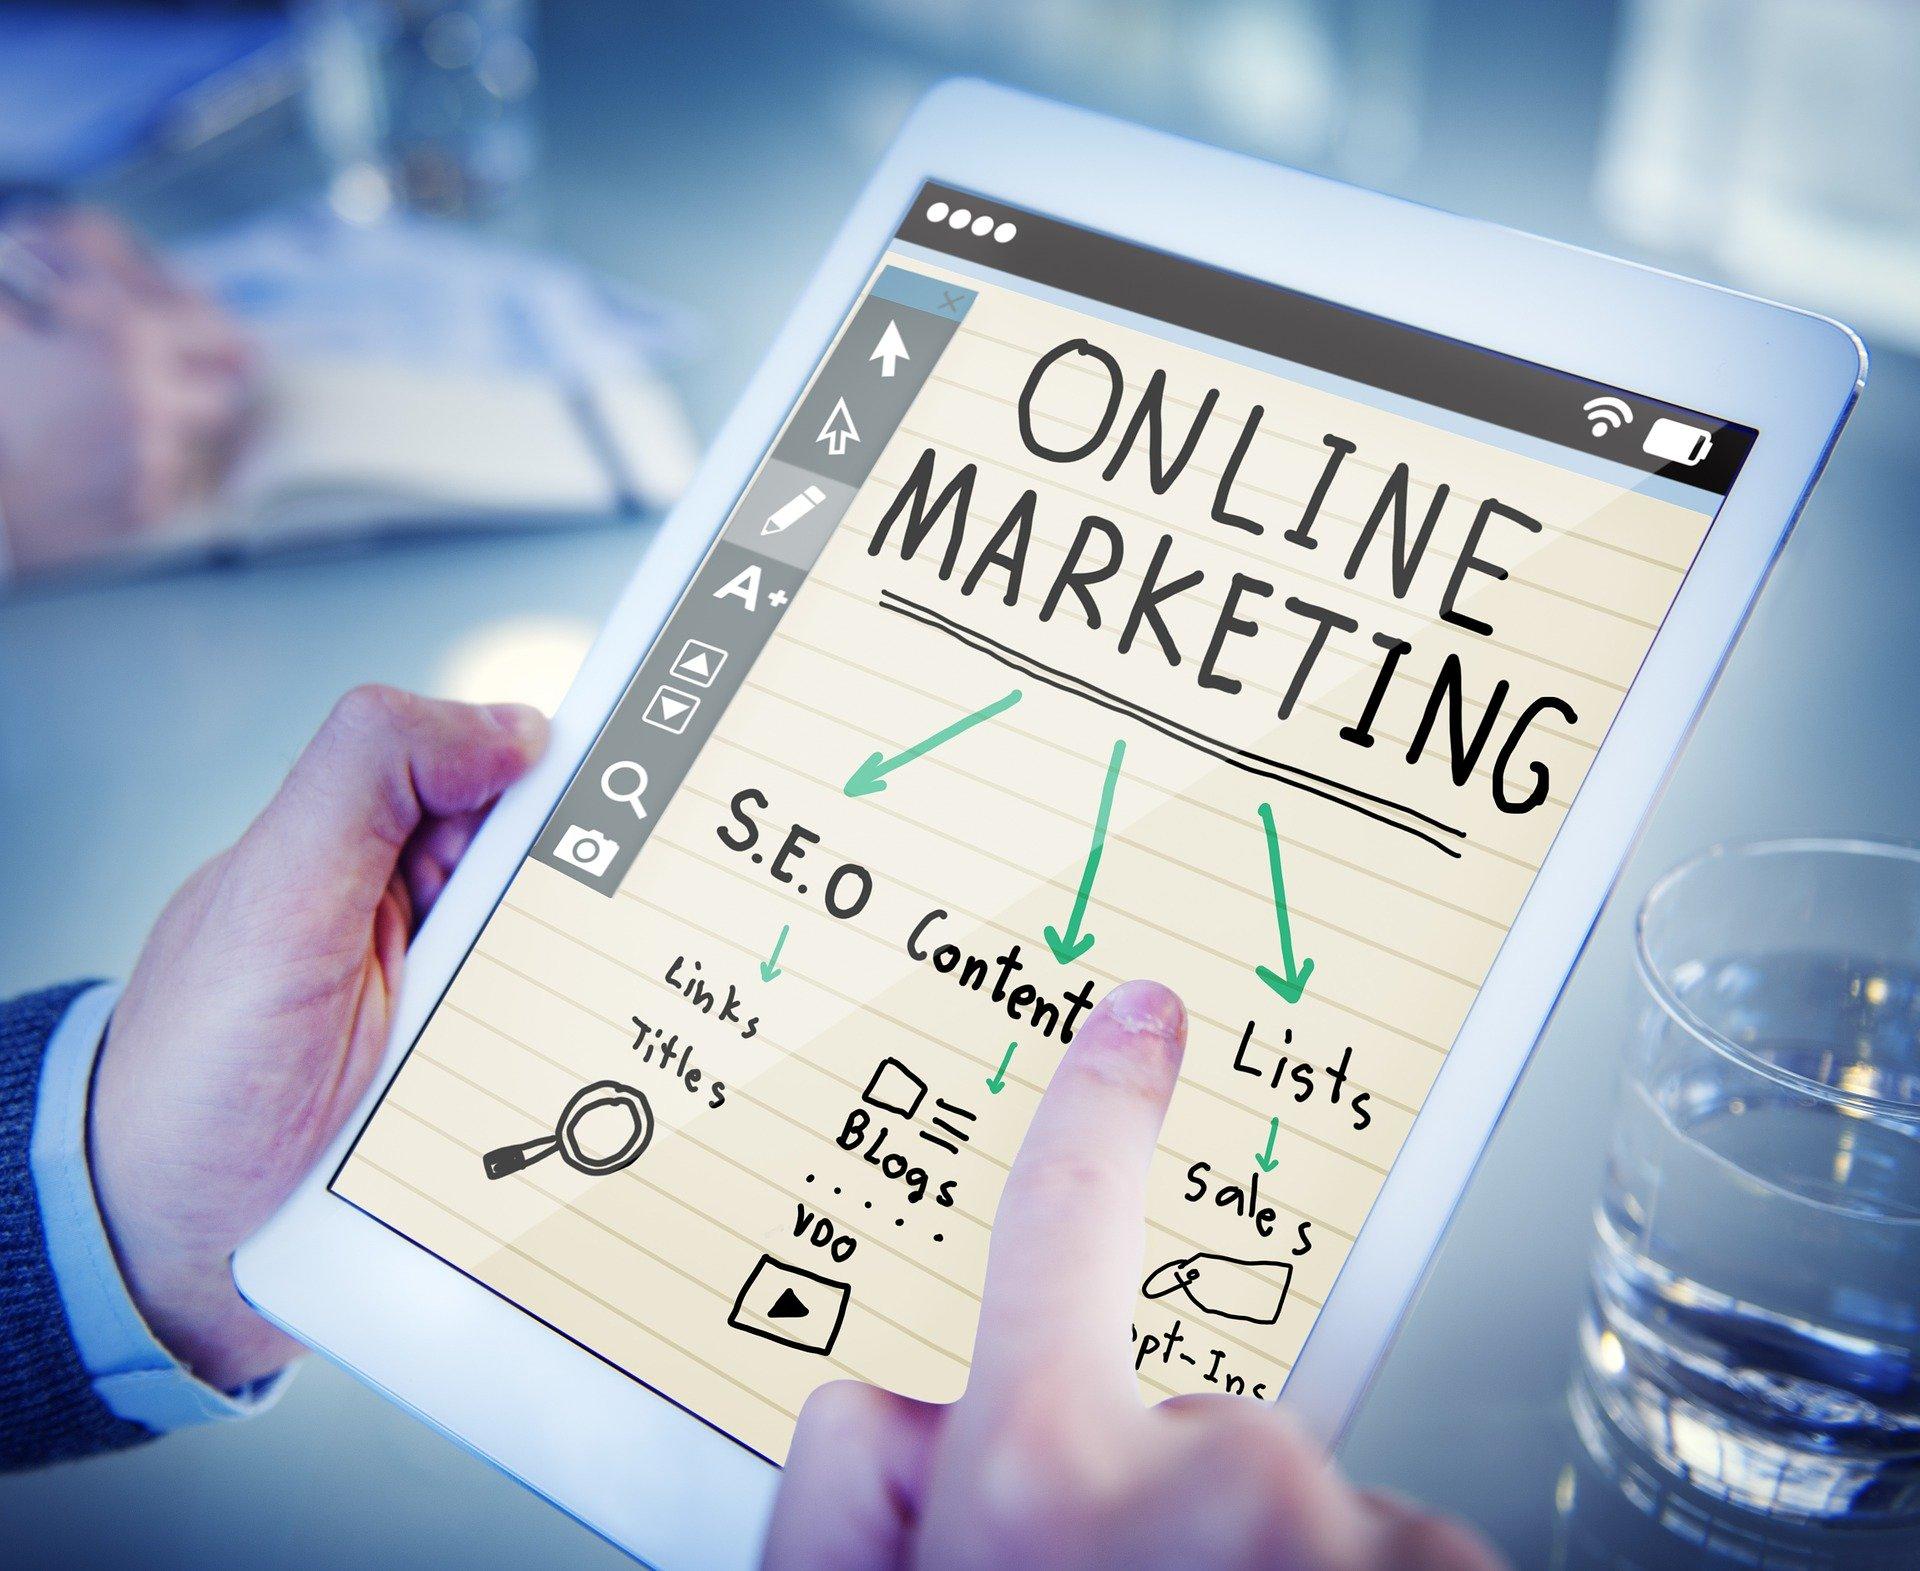 Article Marketing Italiano: Come posizionarsi nelle prime posizioni Google